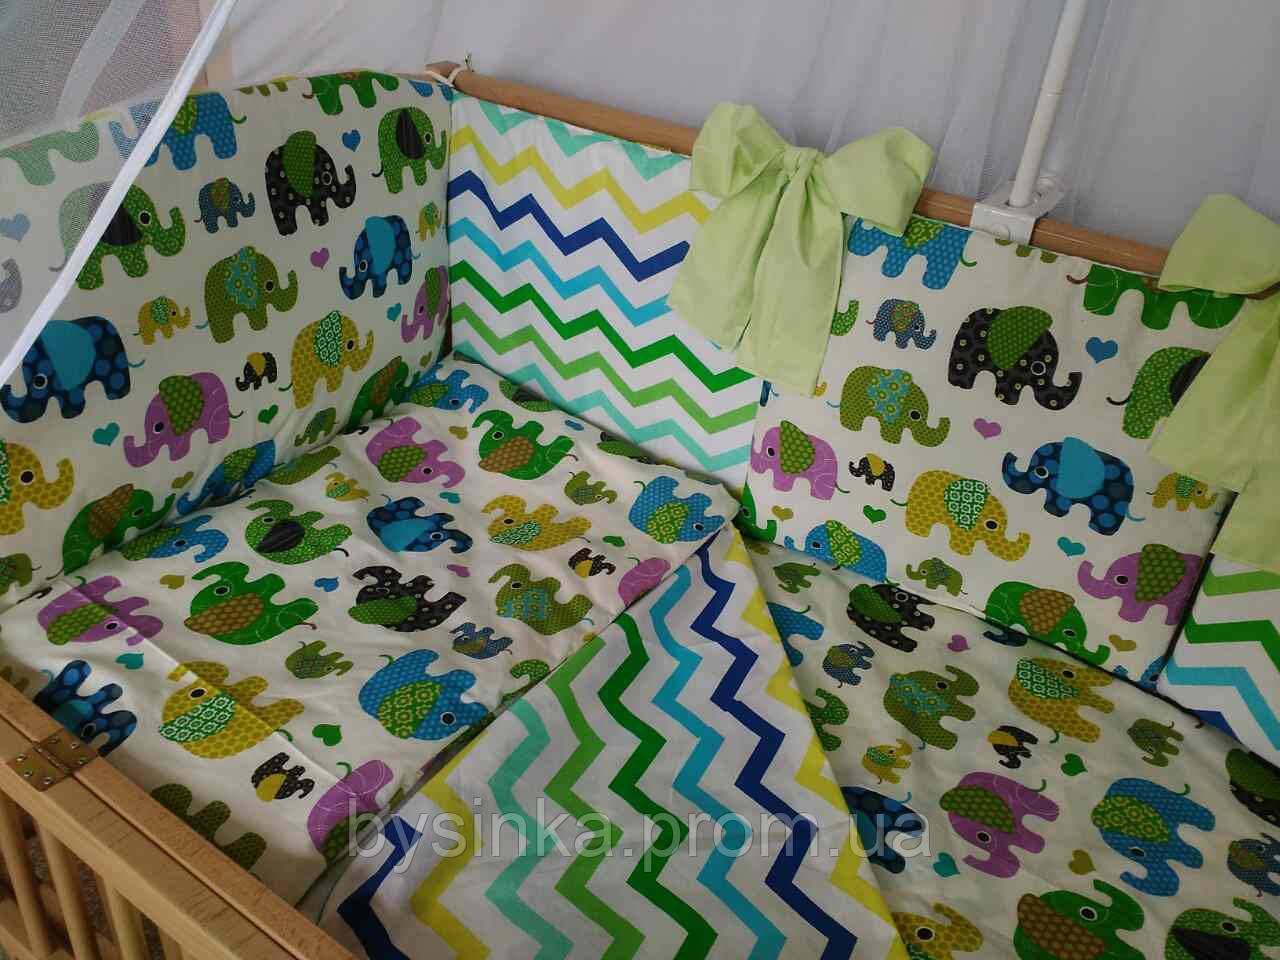 """Комплект постельного белья сменка защитное ограждение бортики подушками, одеяло - """"Сладкий сон"""" 8 ед."""